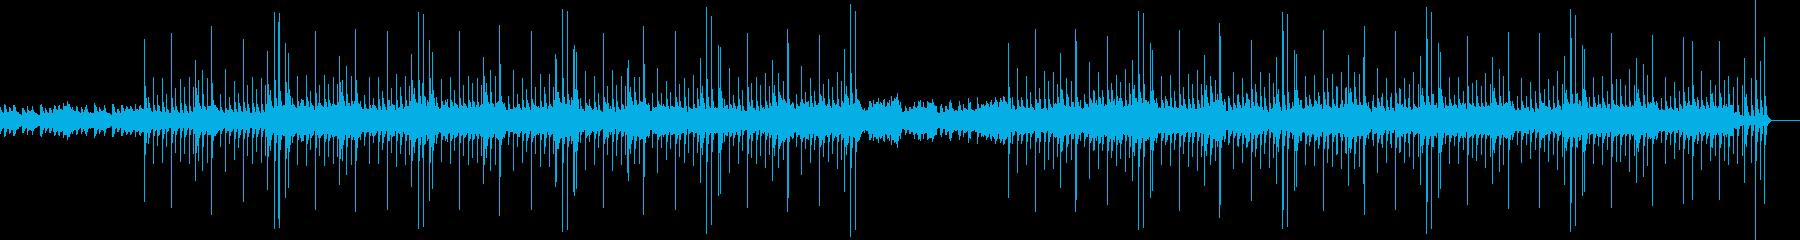 アコギのアルペジオが特徴のシンプルな曲の再生済みの波形